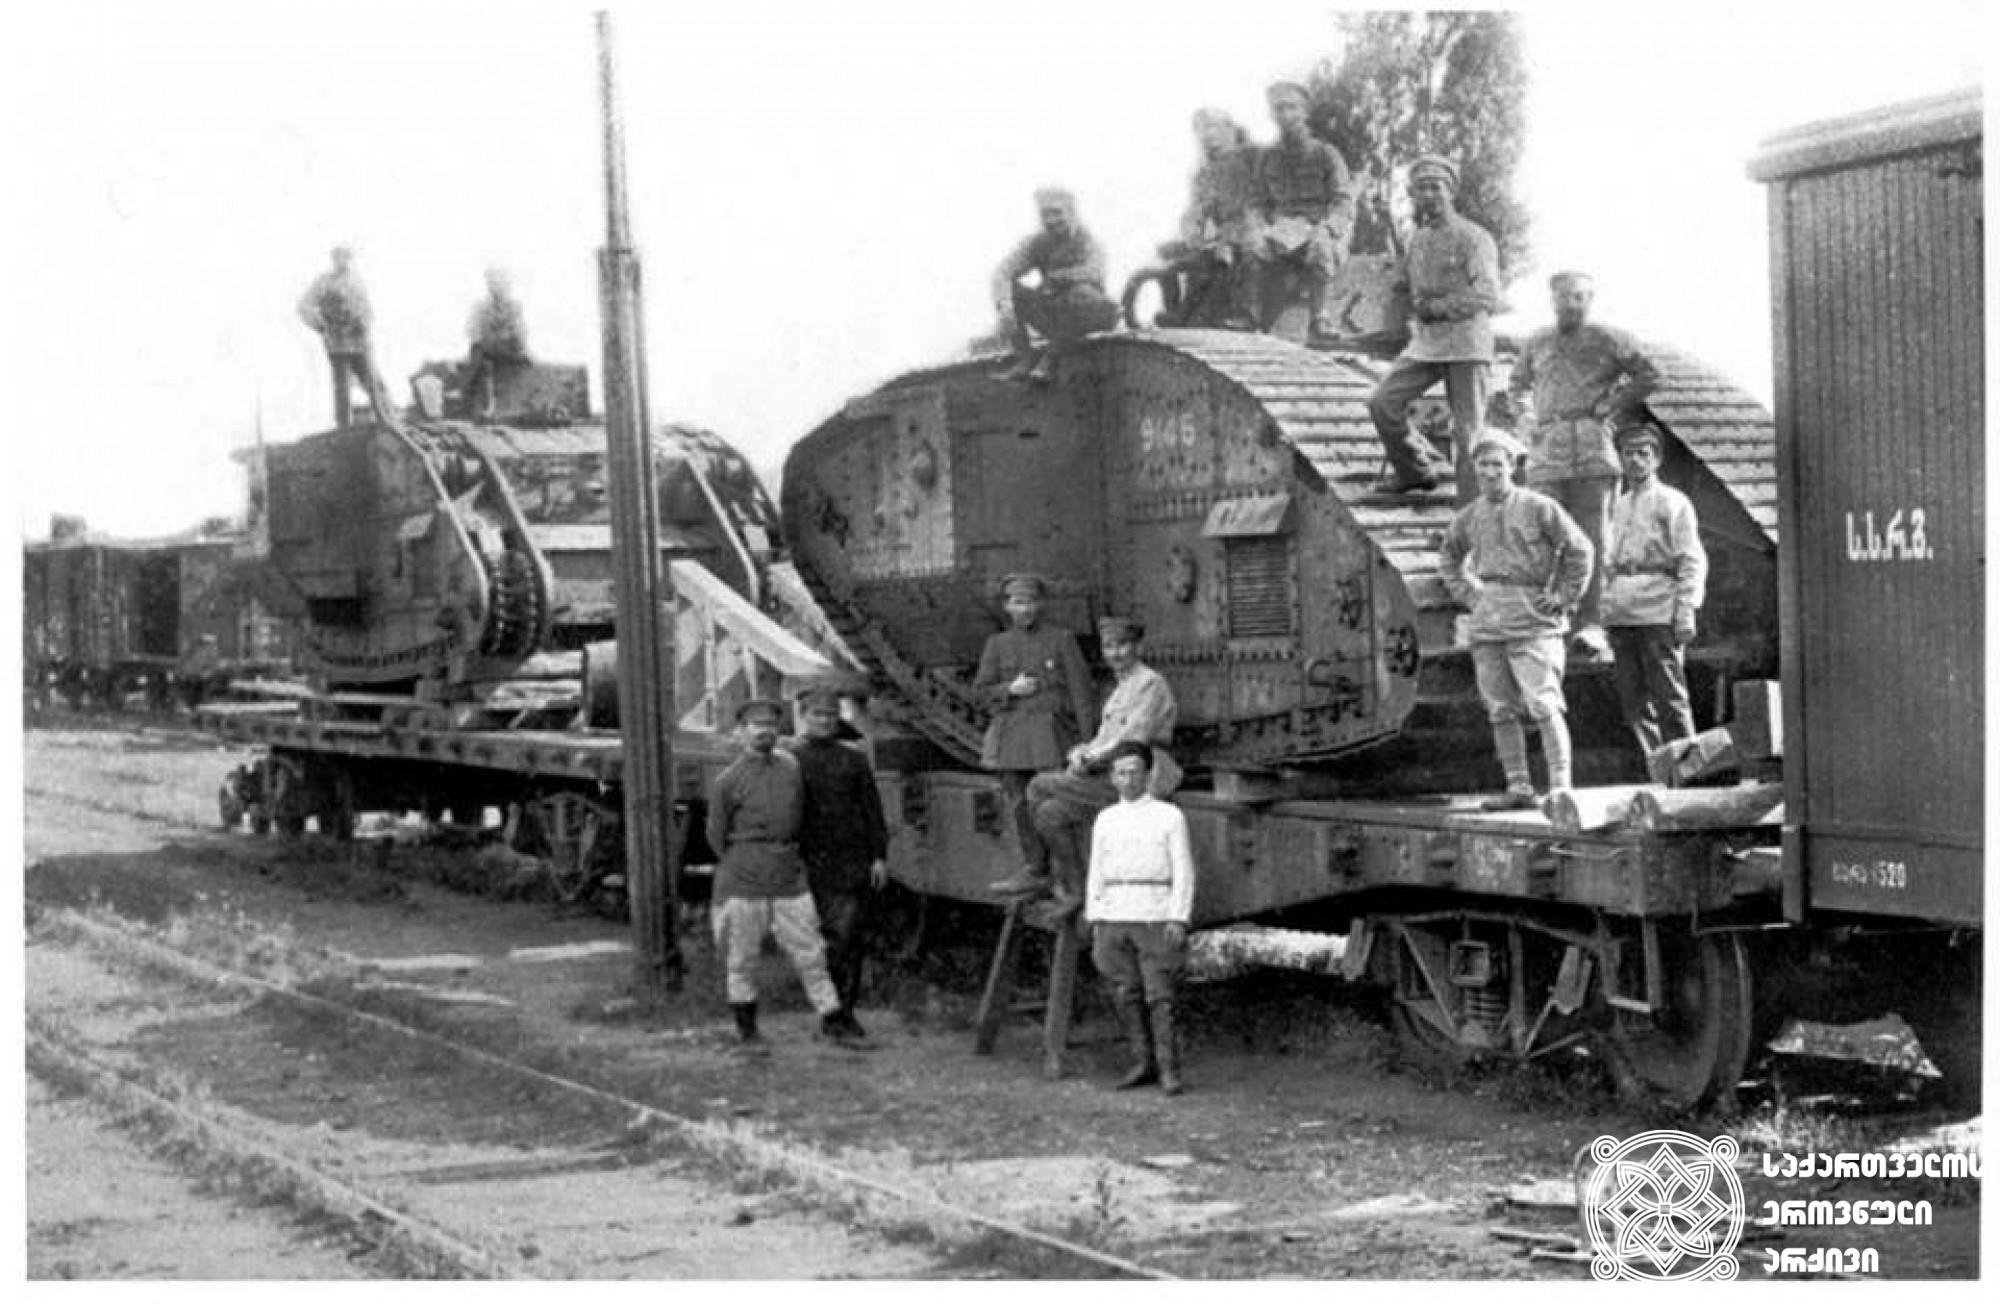 ოკუპაციის შემდეგ წითელარმიელები მოსკოვში აგზავნიან ქართული არმიის იმ ამორტიზებულ ტანკებს, რომელთა გამოყენებაც ტექნიკური გაუმართაობის გამო  ქართულმა ჯარმა ვერ მოახერხა. <br> თბილისი , 1921 წლის მარტი. <br> After the occupation, the Red Army sent amortized tanks of the Georgian army to Moscow.The Georgian army was unable to use them because of the technical malfunction. <br> Tbilisi, March 1921.